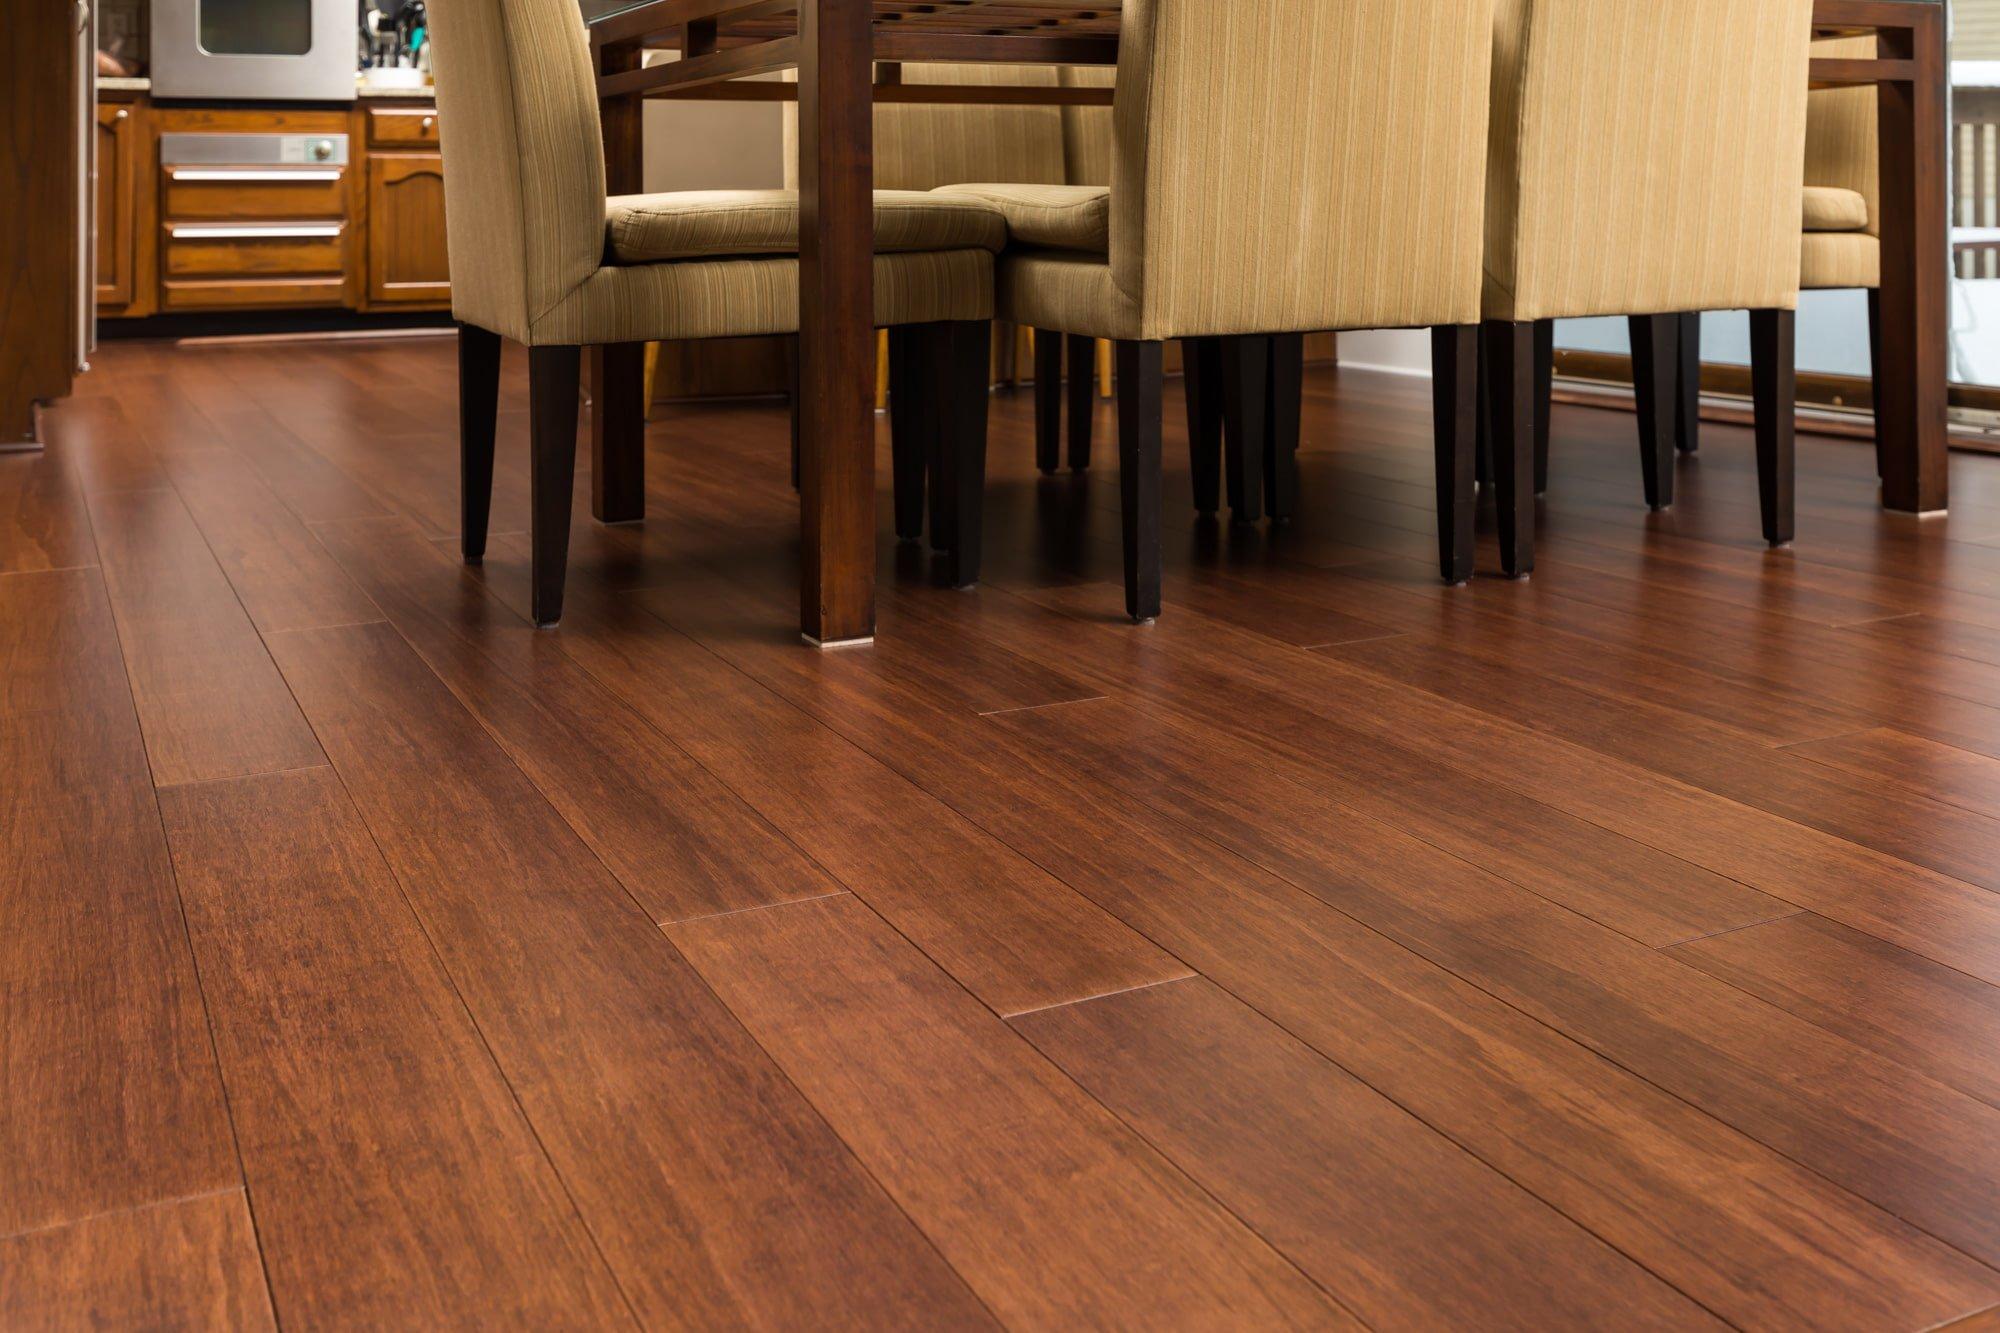 Espresso Bamboo Floor Dining Room2 min